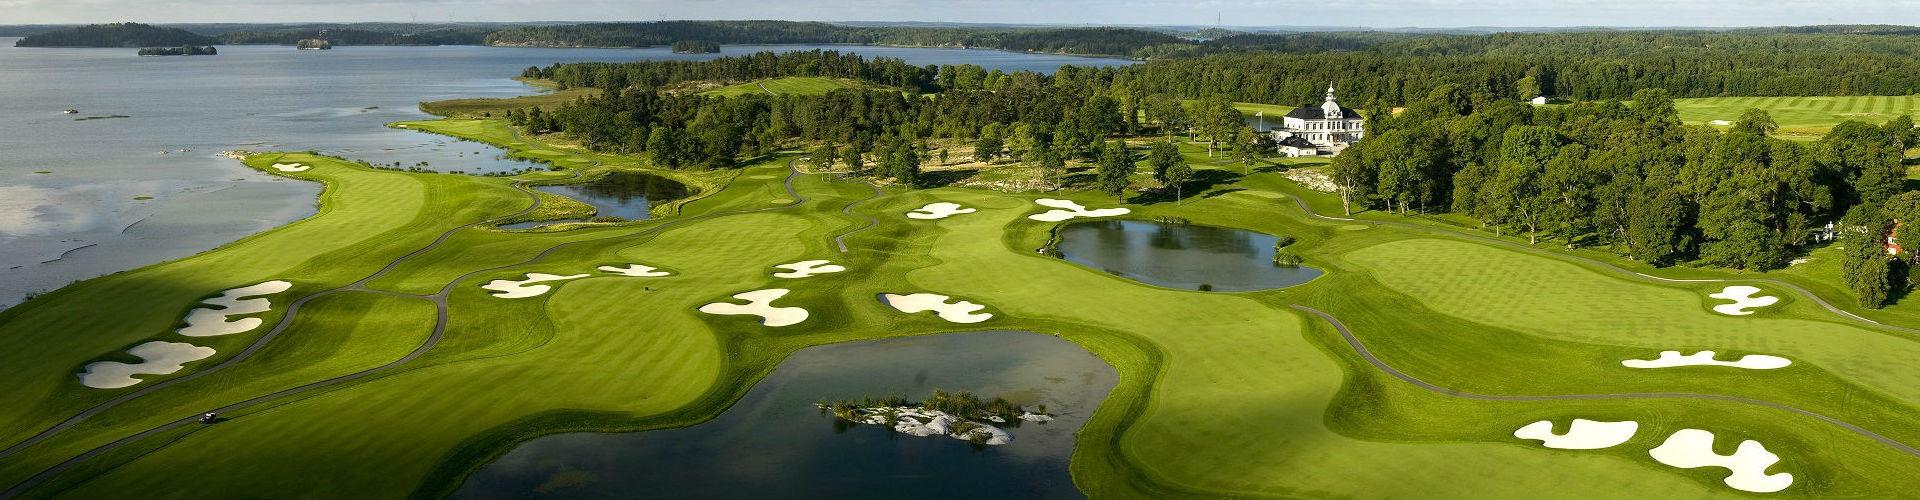 Golfpaket Stockholm - Gotland - golfpaket.se